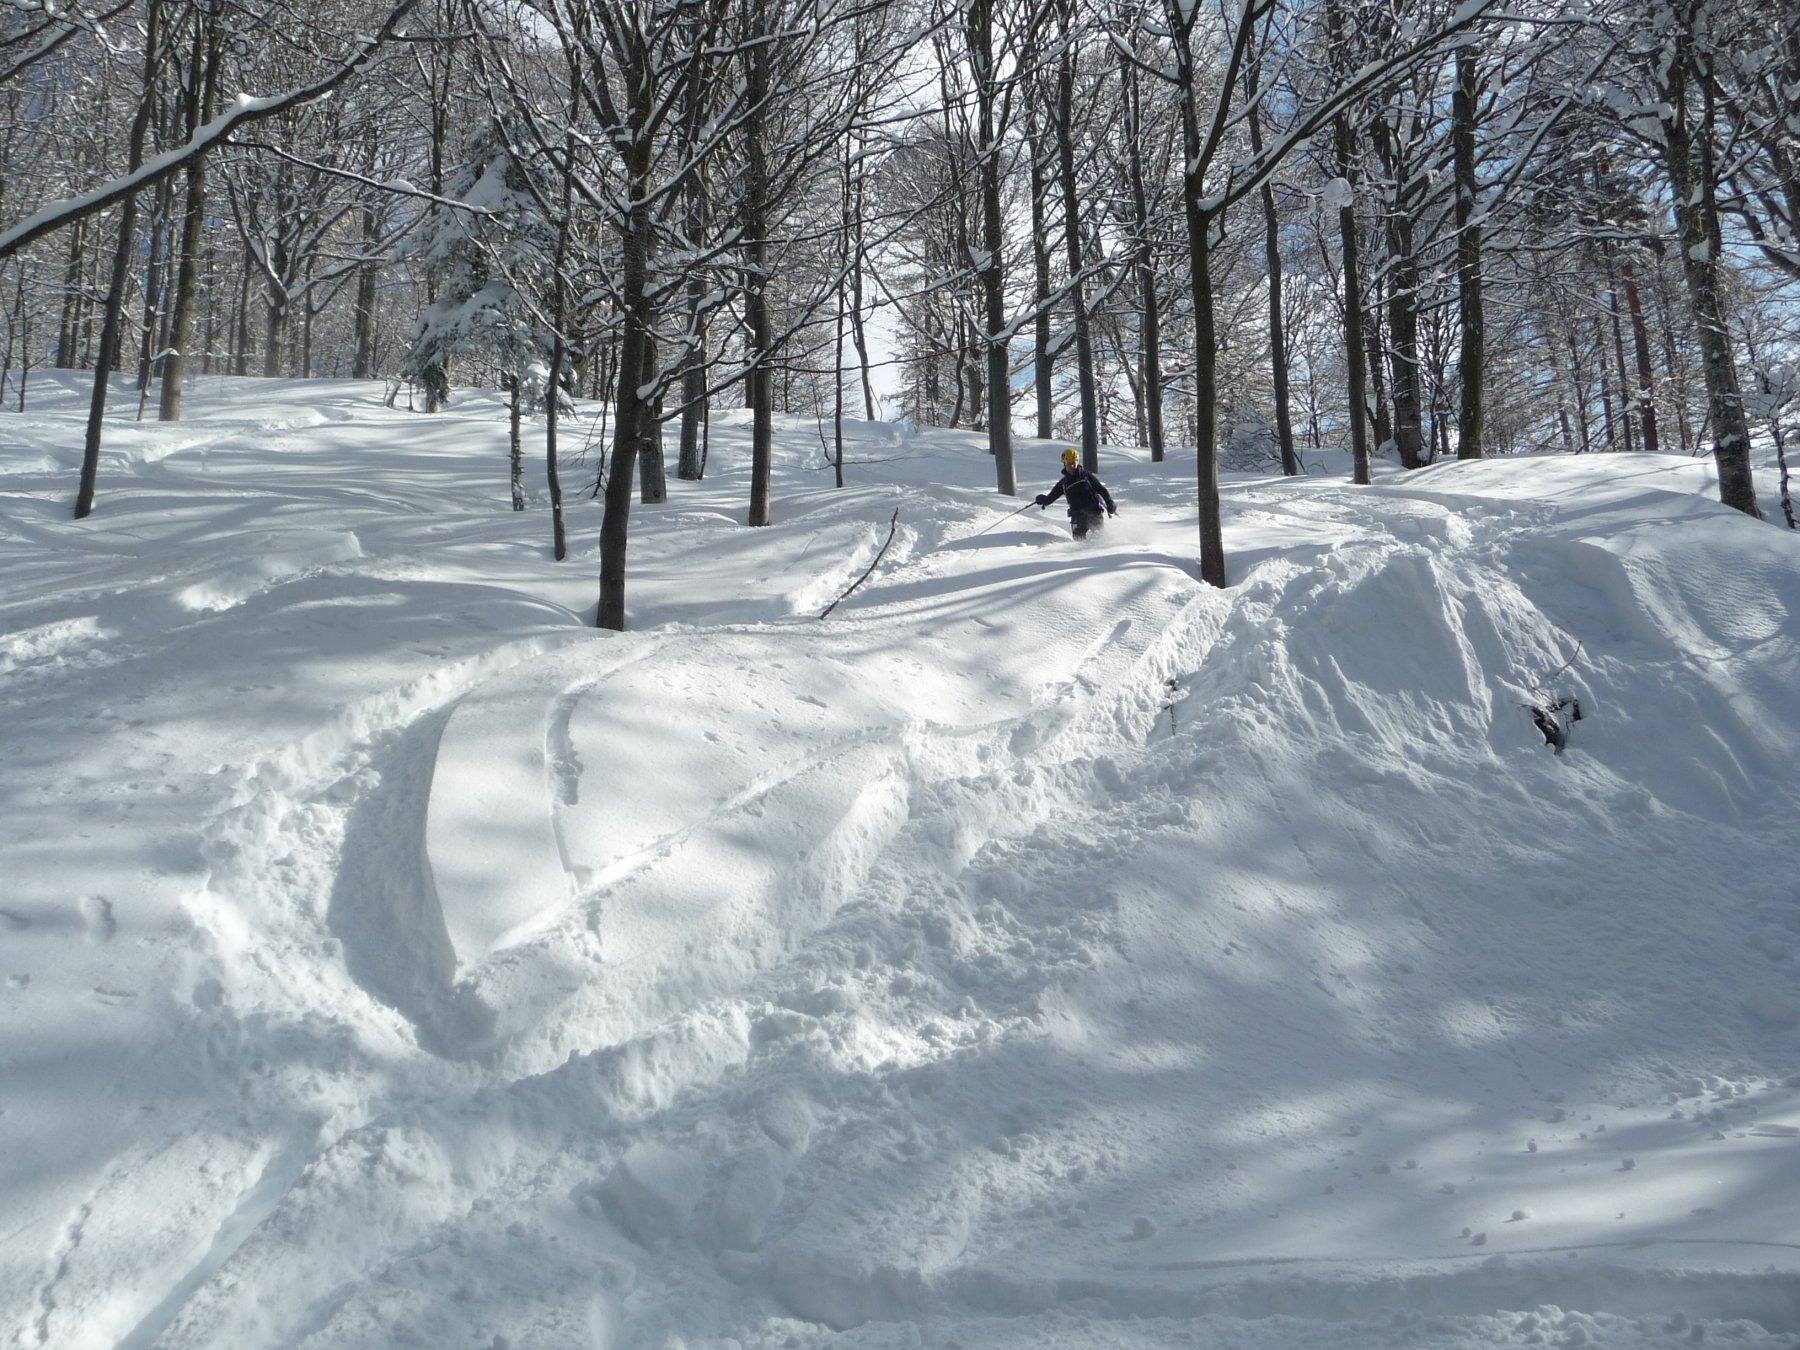 Bella neve anche sull'itinerario classico